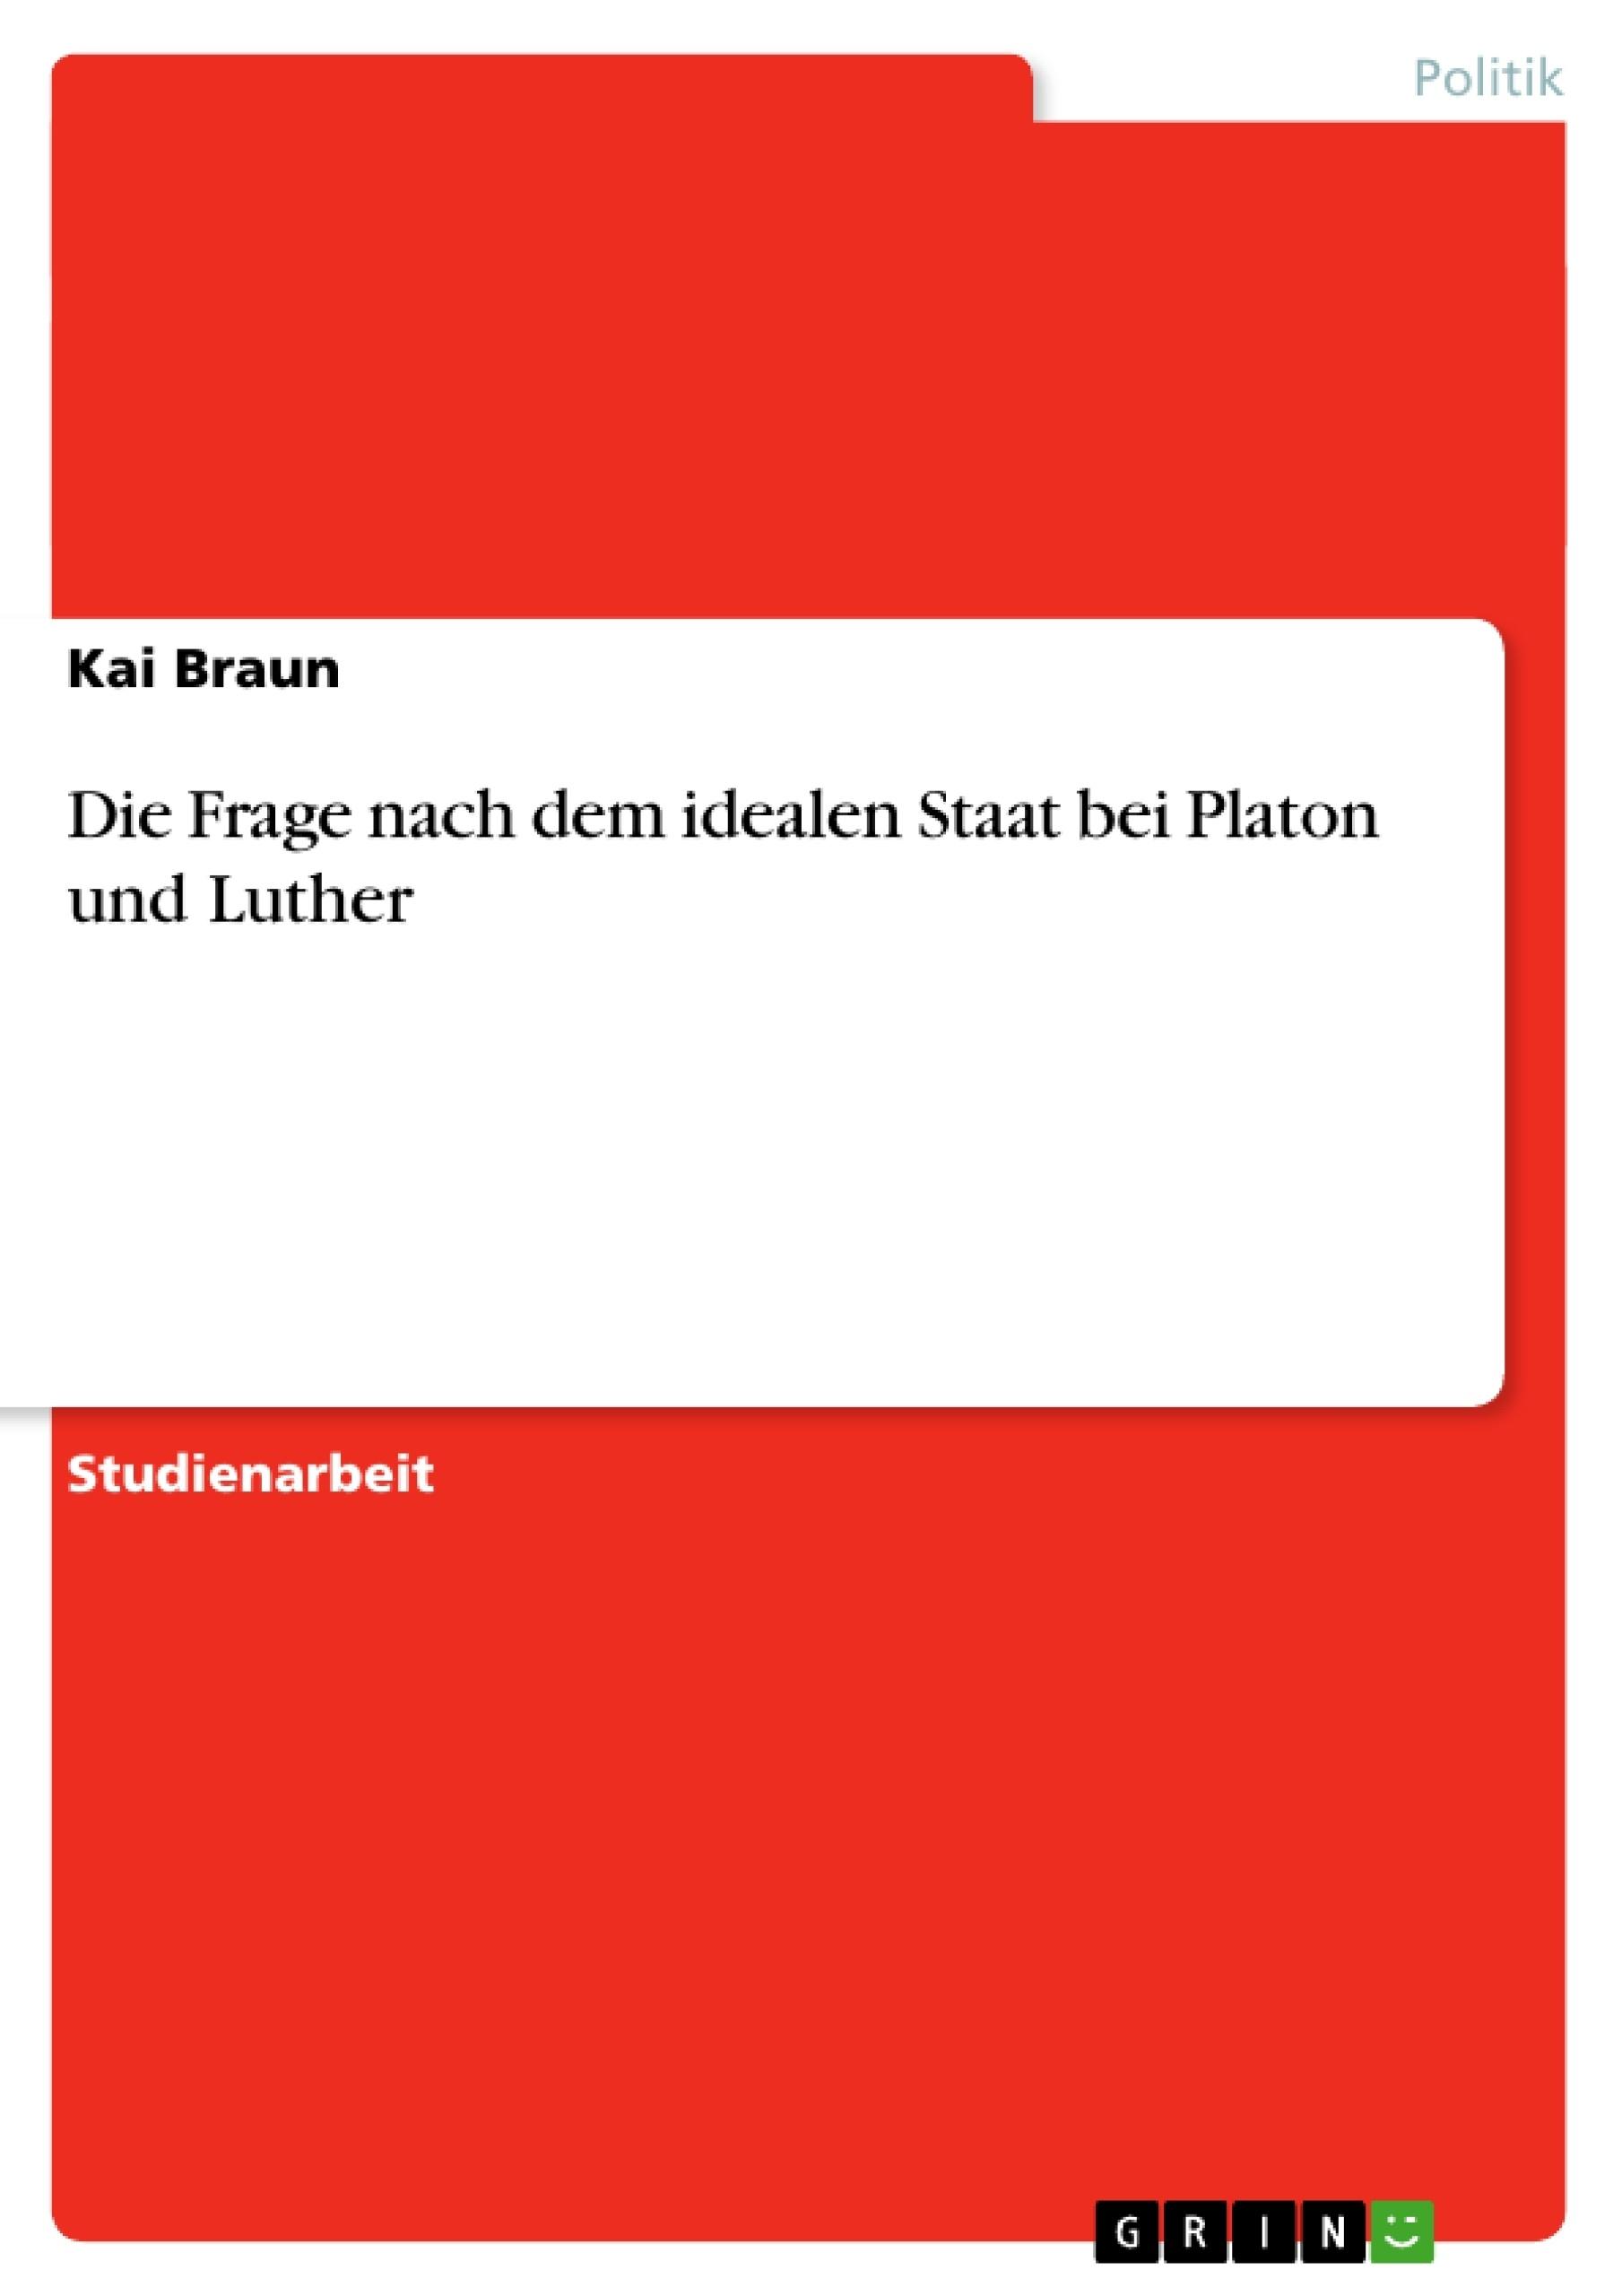 Titel: Die Frage nach dem idealen Staat bei Platon und Luther